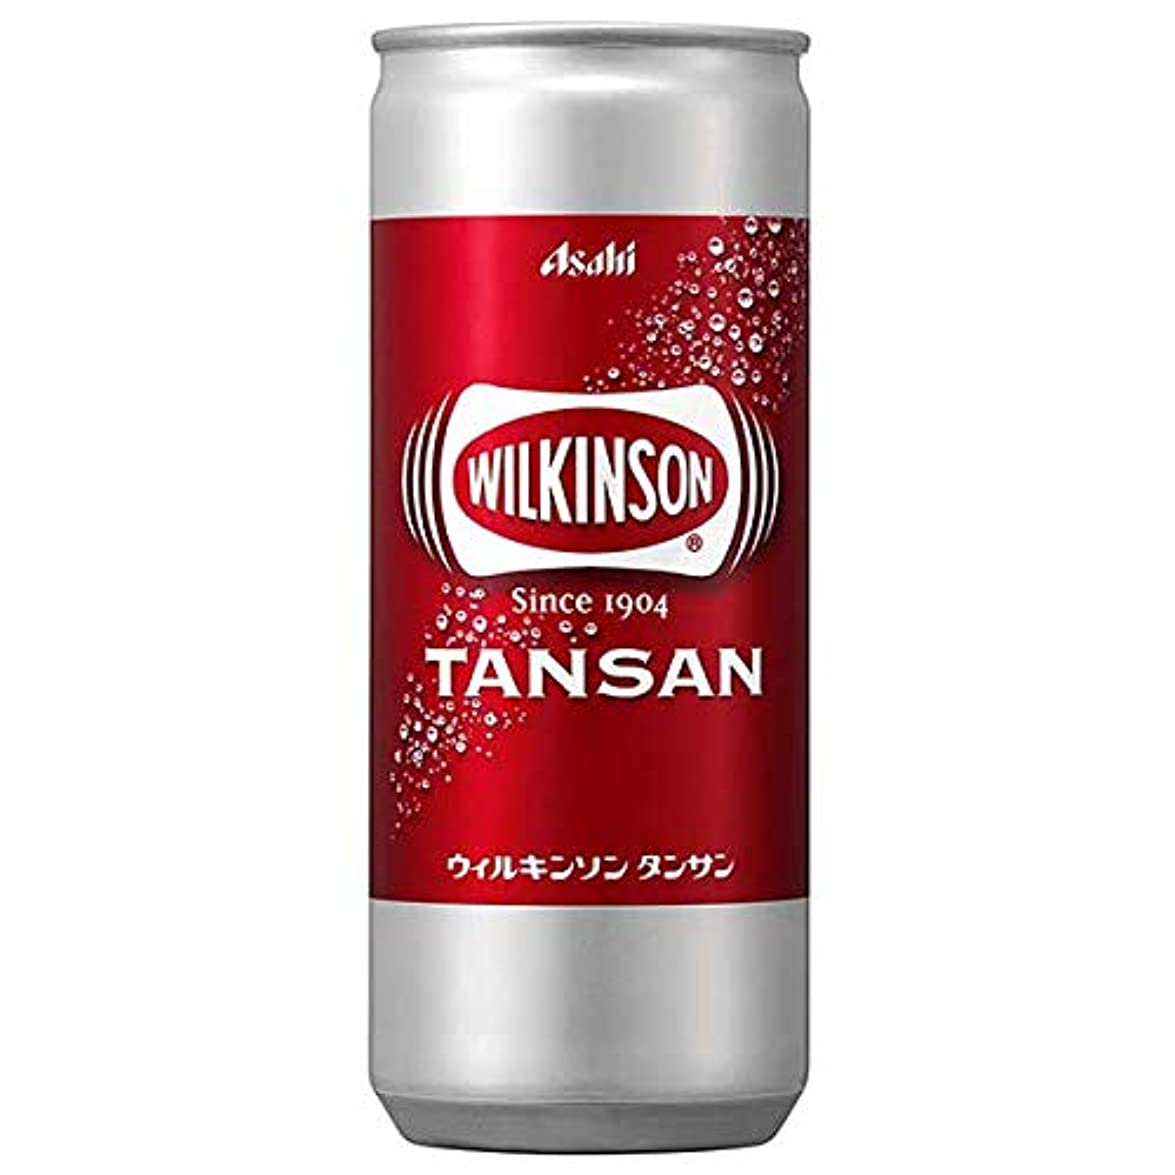 行う眉開業医アサヒ飲料 ウィルキンソン タンサン 250ml缶×20本入